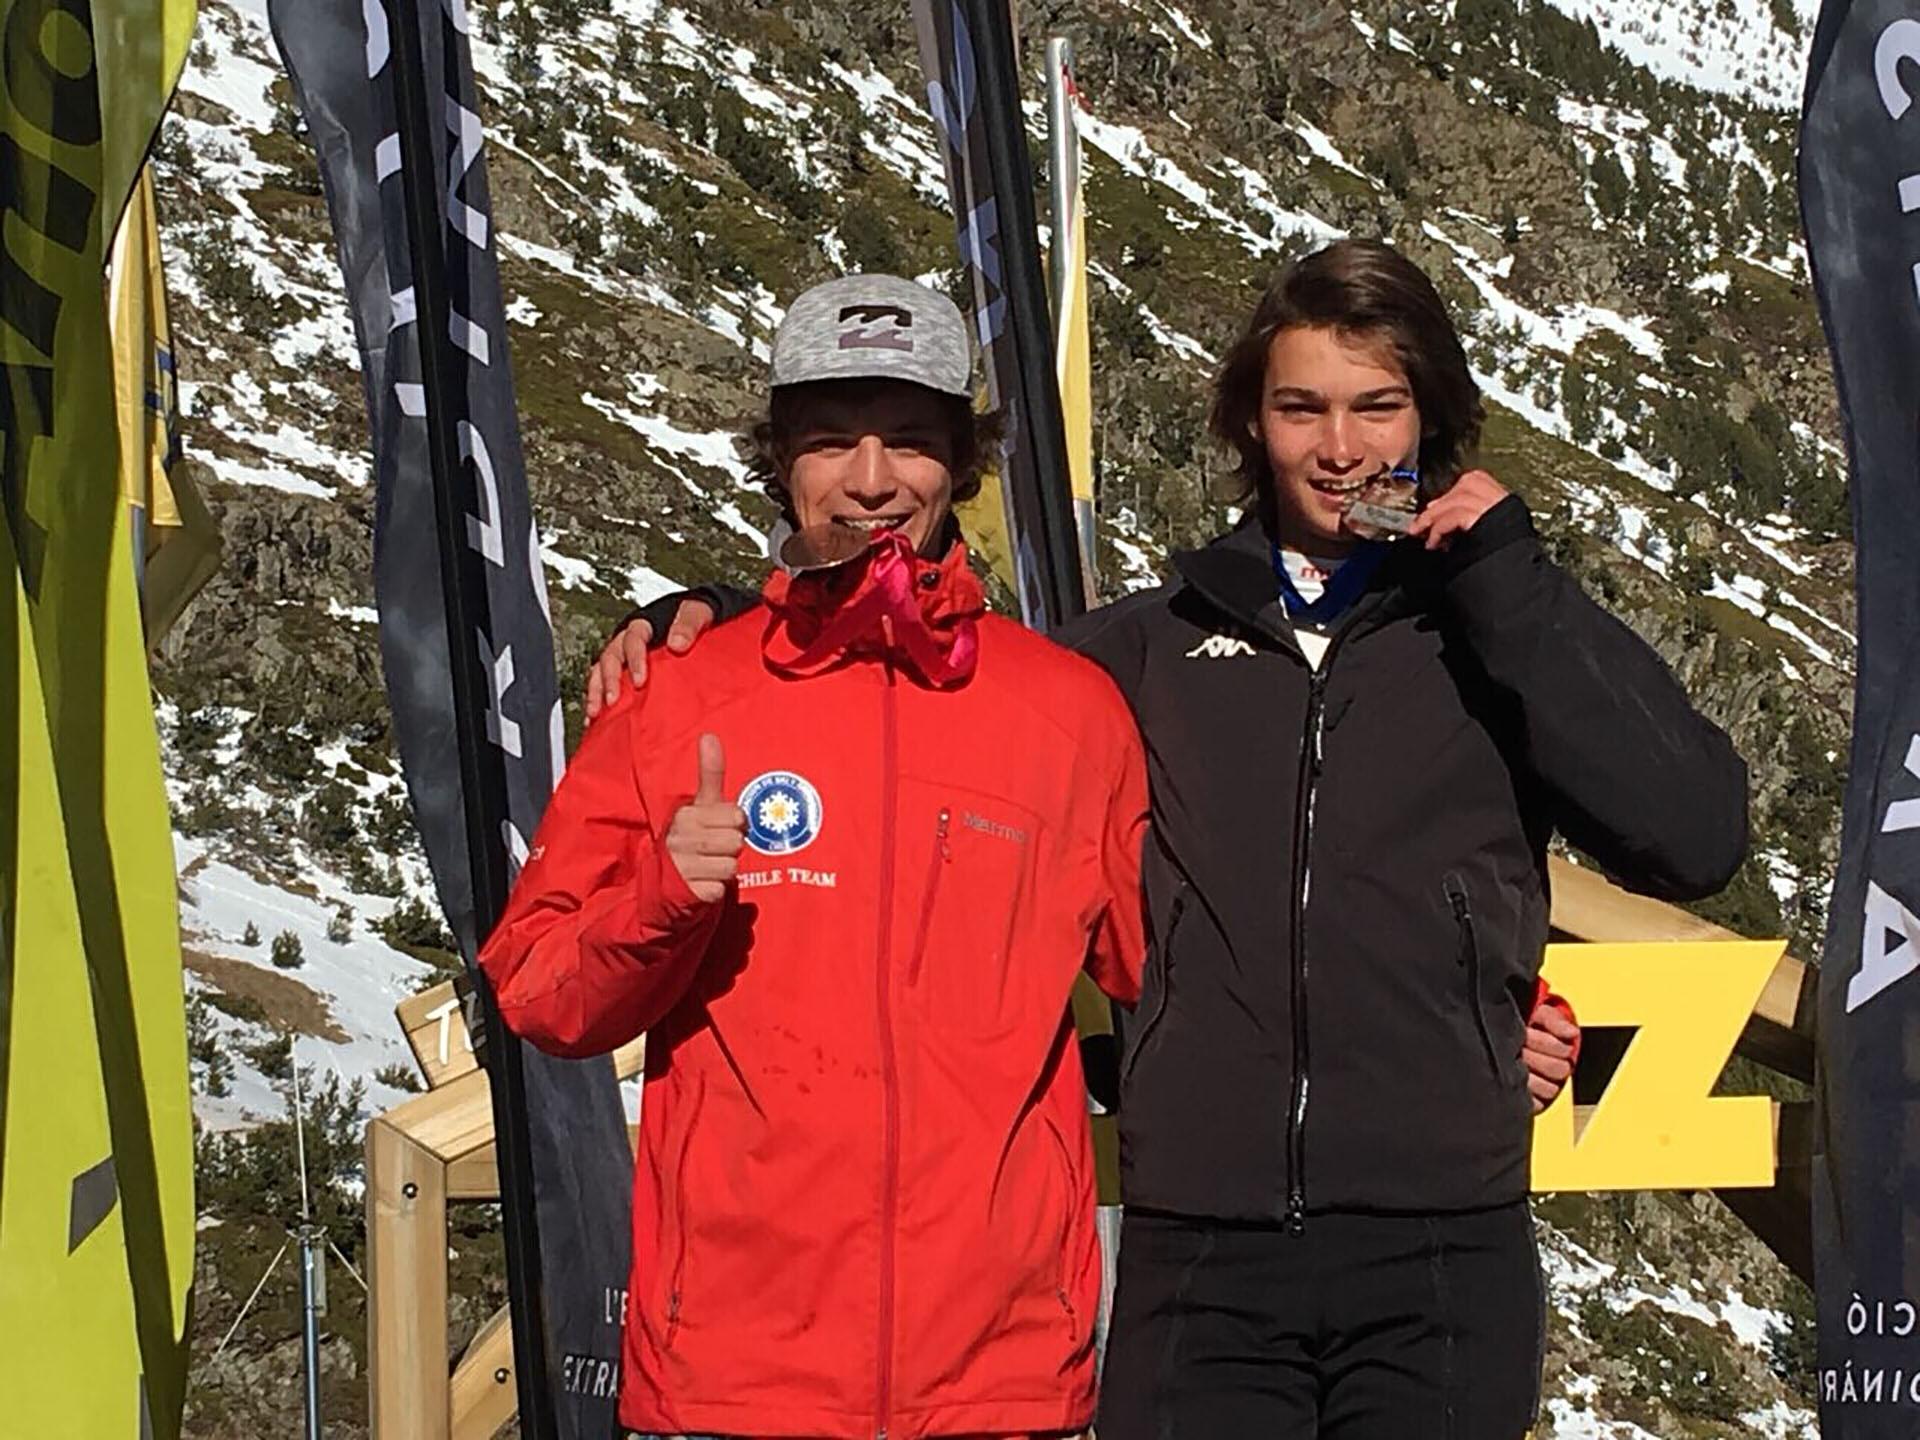 Con este triunfo, Tiziano se ubicó entre los mejores esquiadores del mundo en su categoria U16 en Borrufa